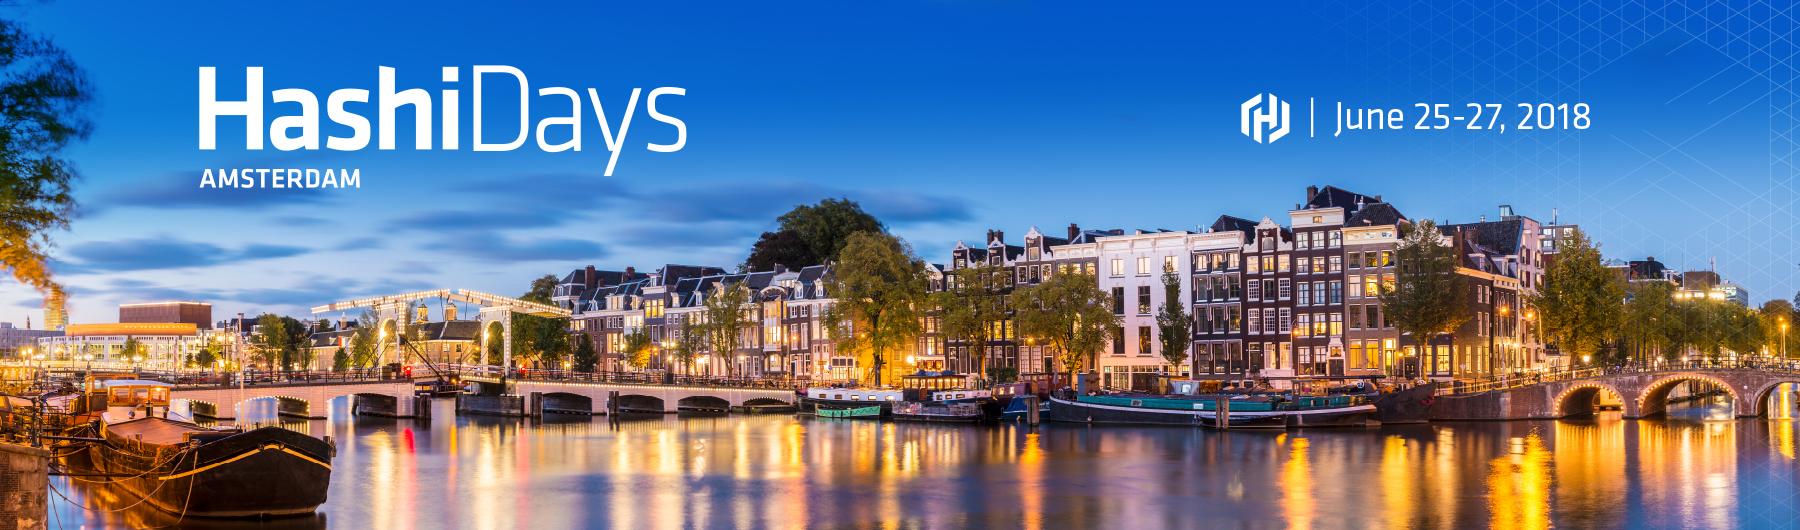 HashiDays Amsterdam 2018